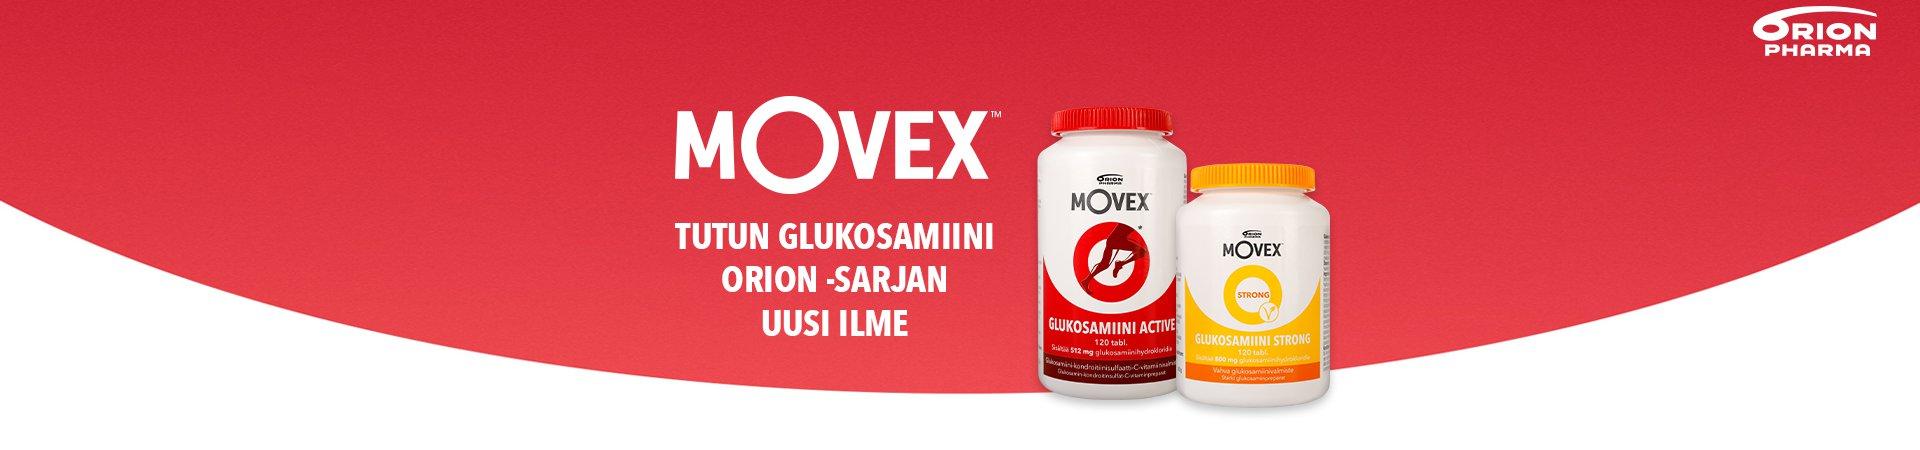 Orionin glukosamiinin uusi ilme